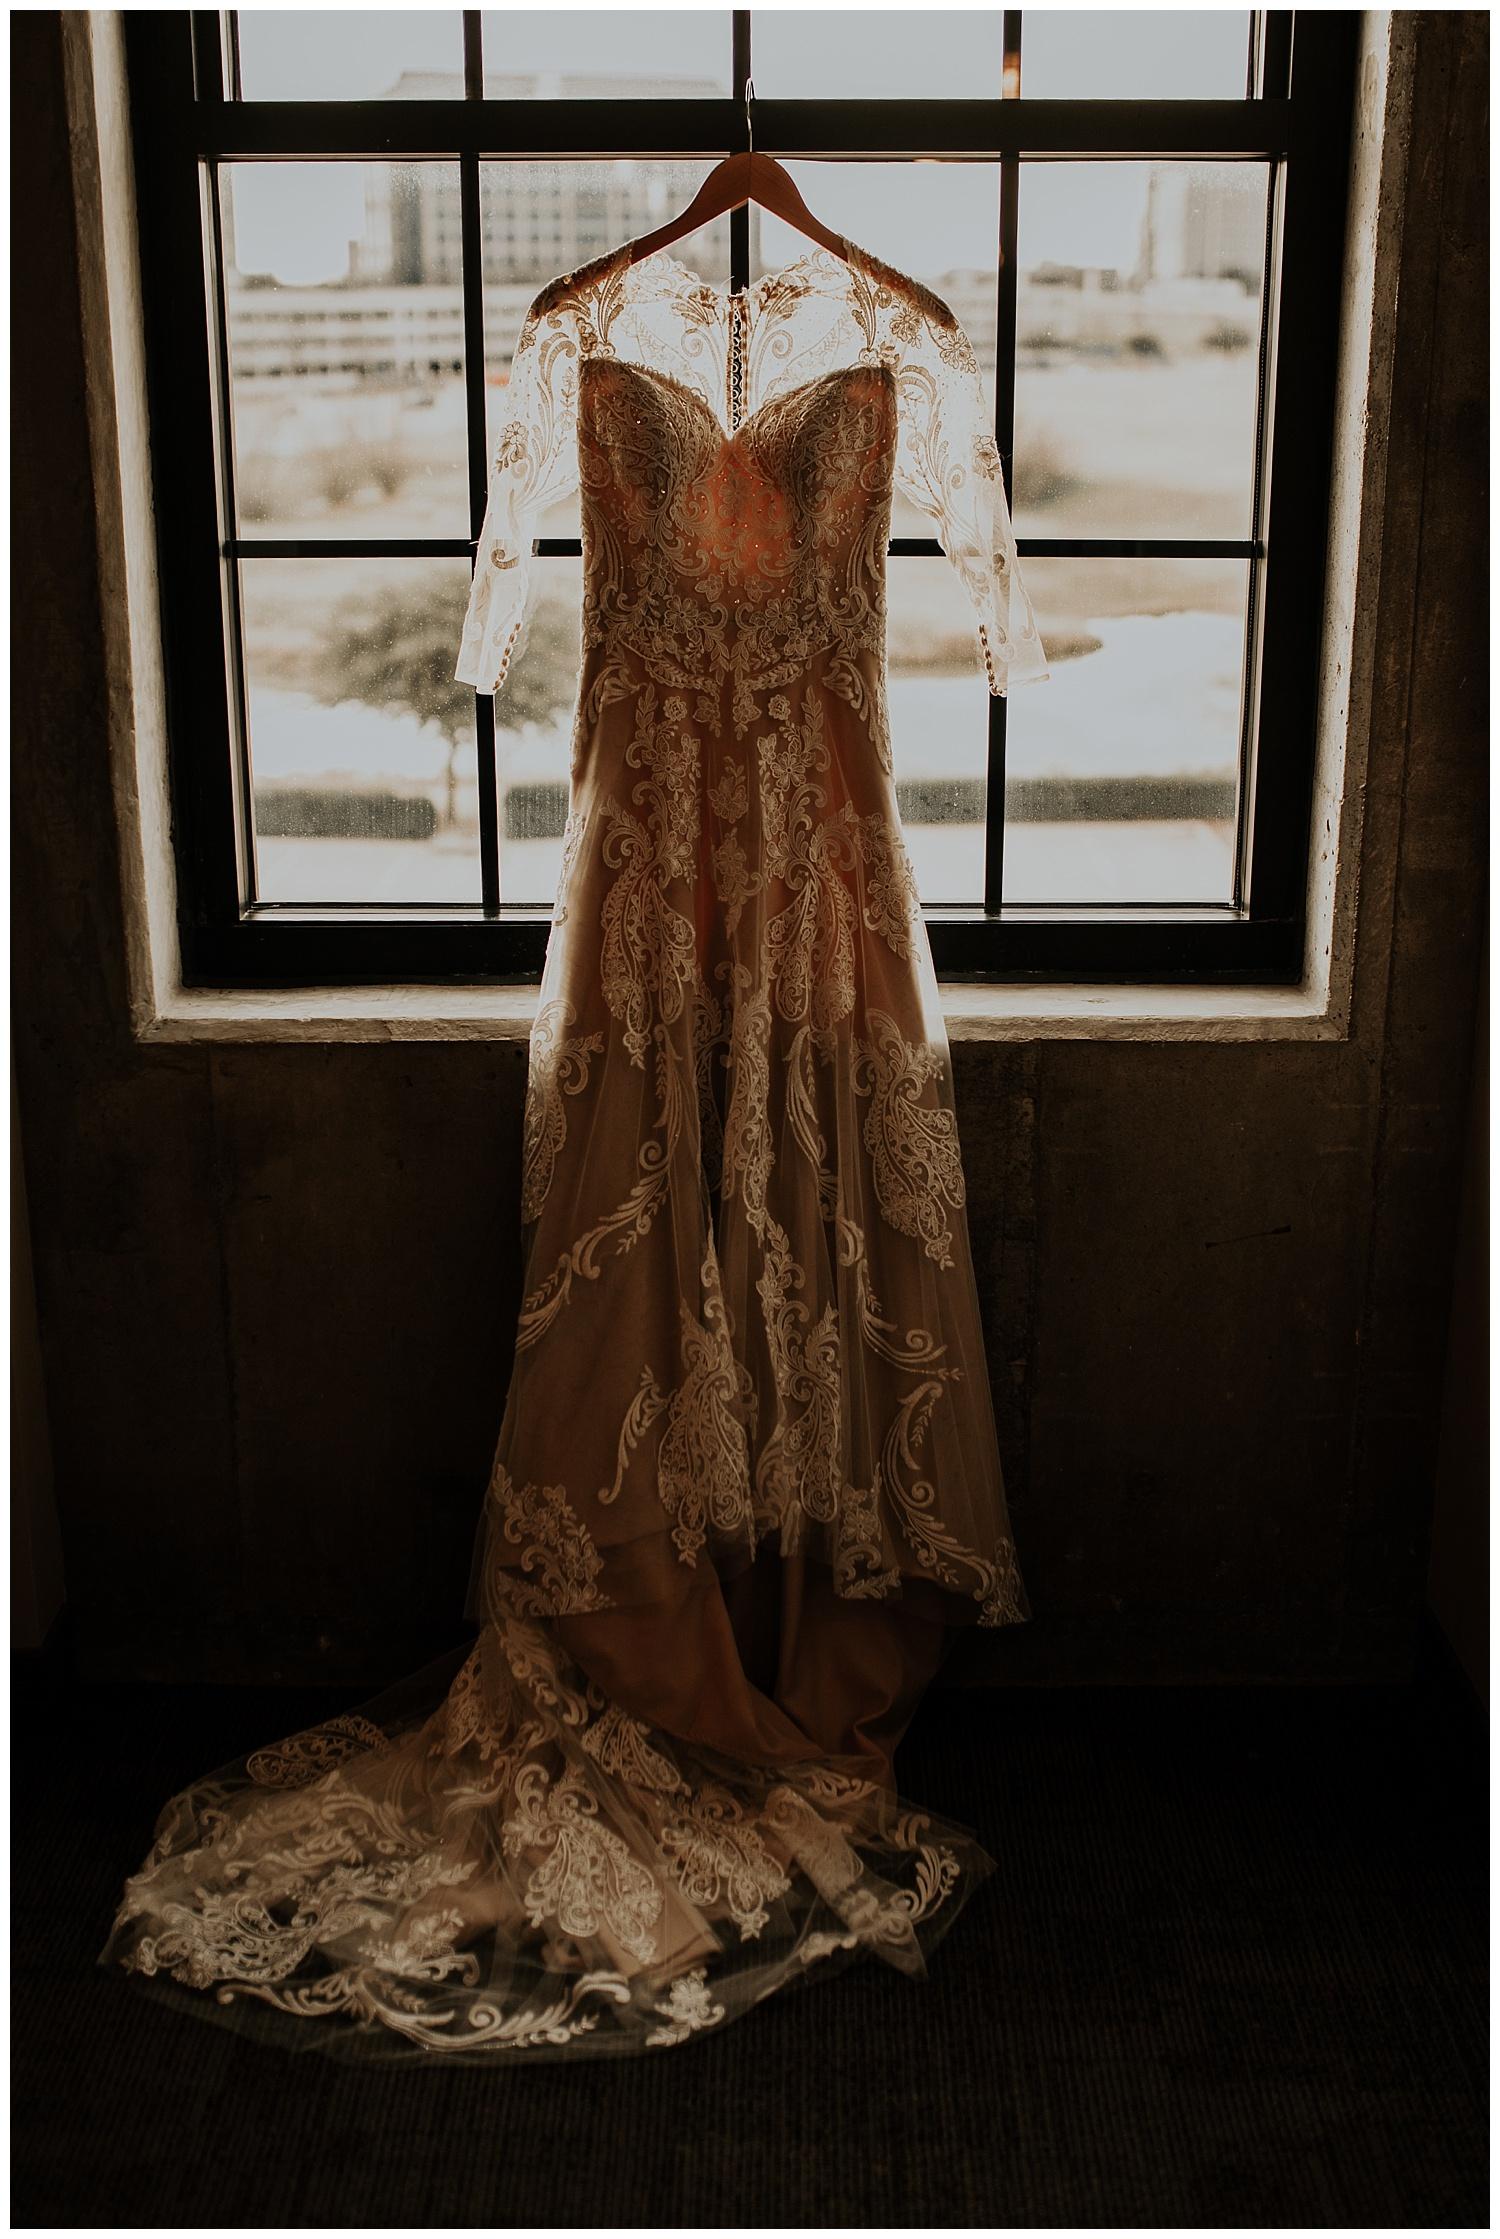 Laken-Mackenzie-Photography-Ulrich-Wedding-Piazza-In-the-Village-Dallas-Fort-Worth-Wedding-Photographer06.jpg